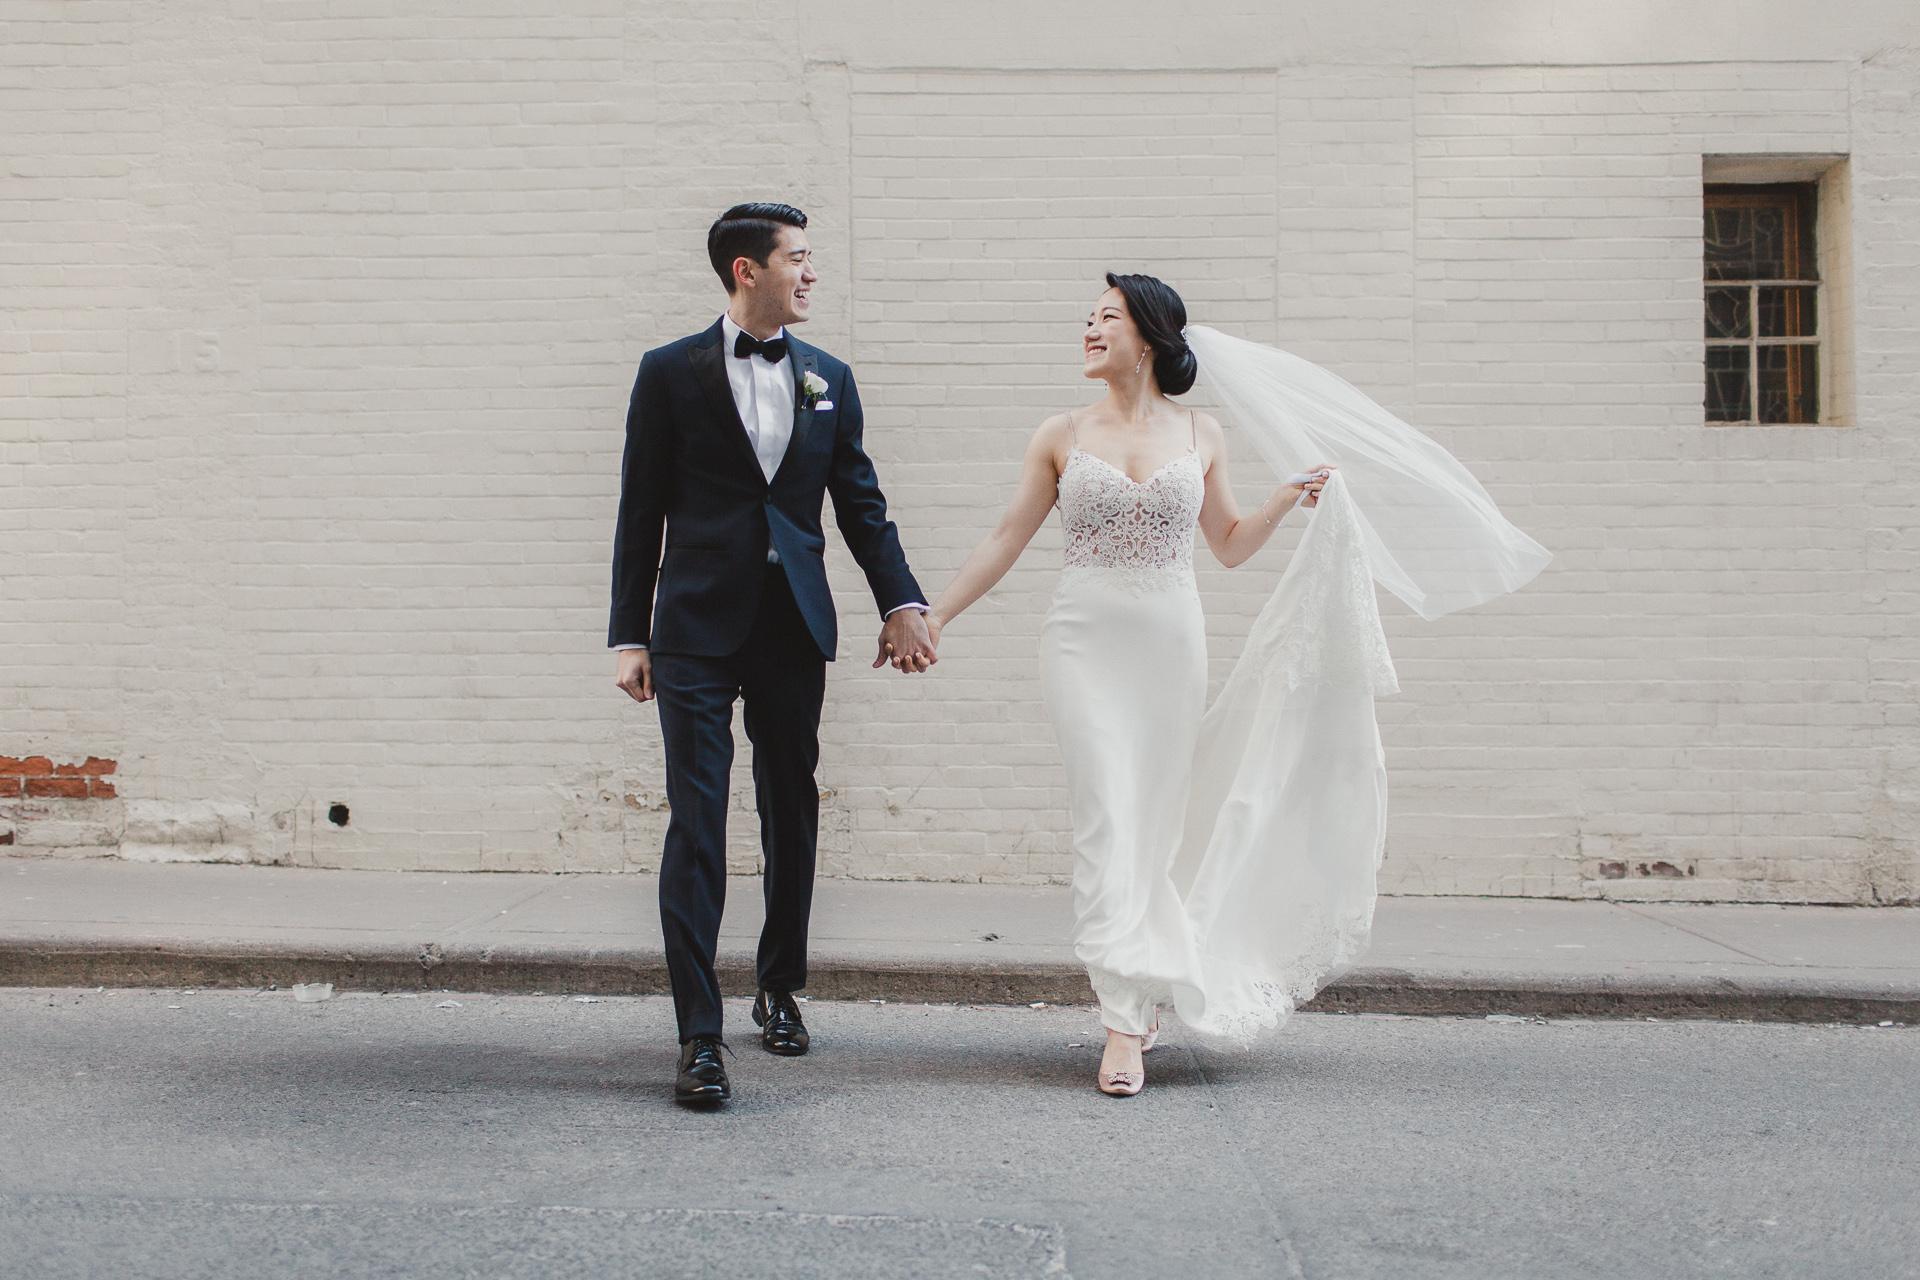 Wedding Photo by Top Toronto Wedding Photographer Avangard Photography